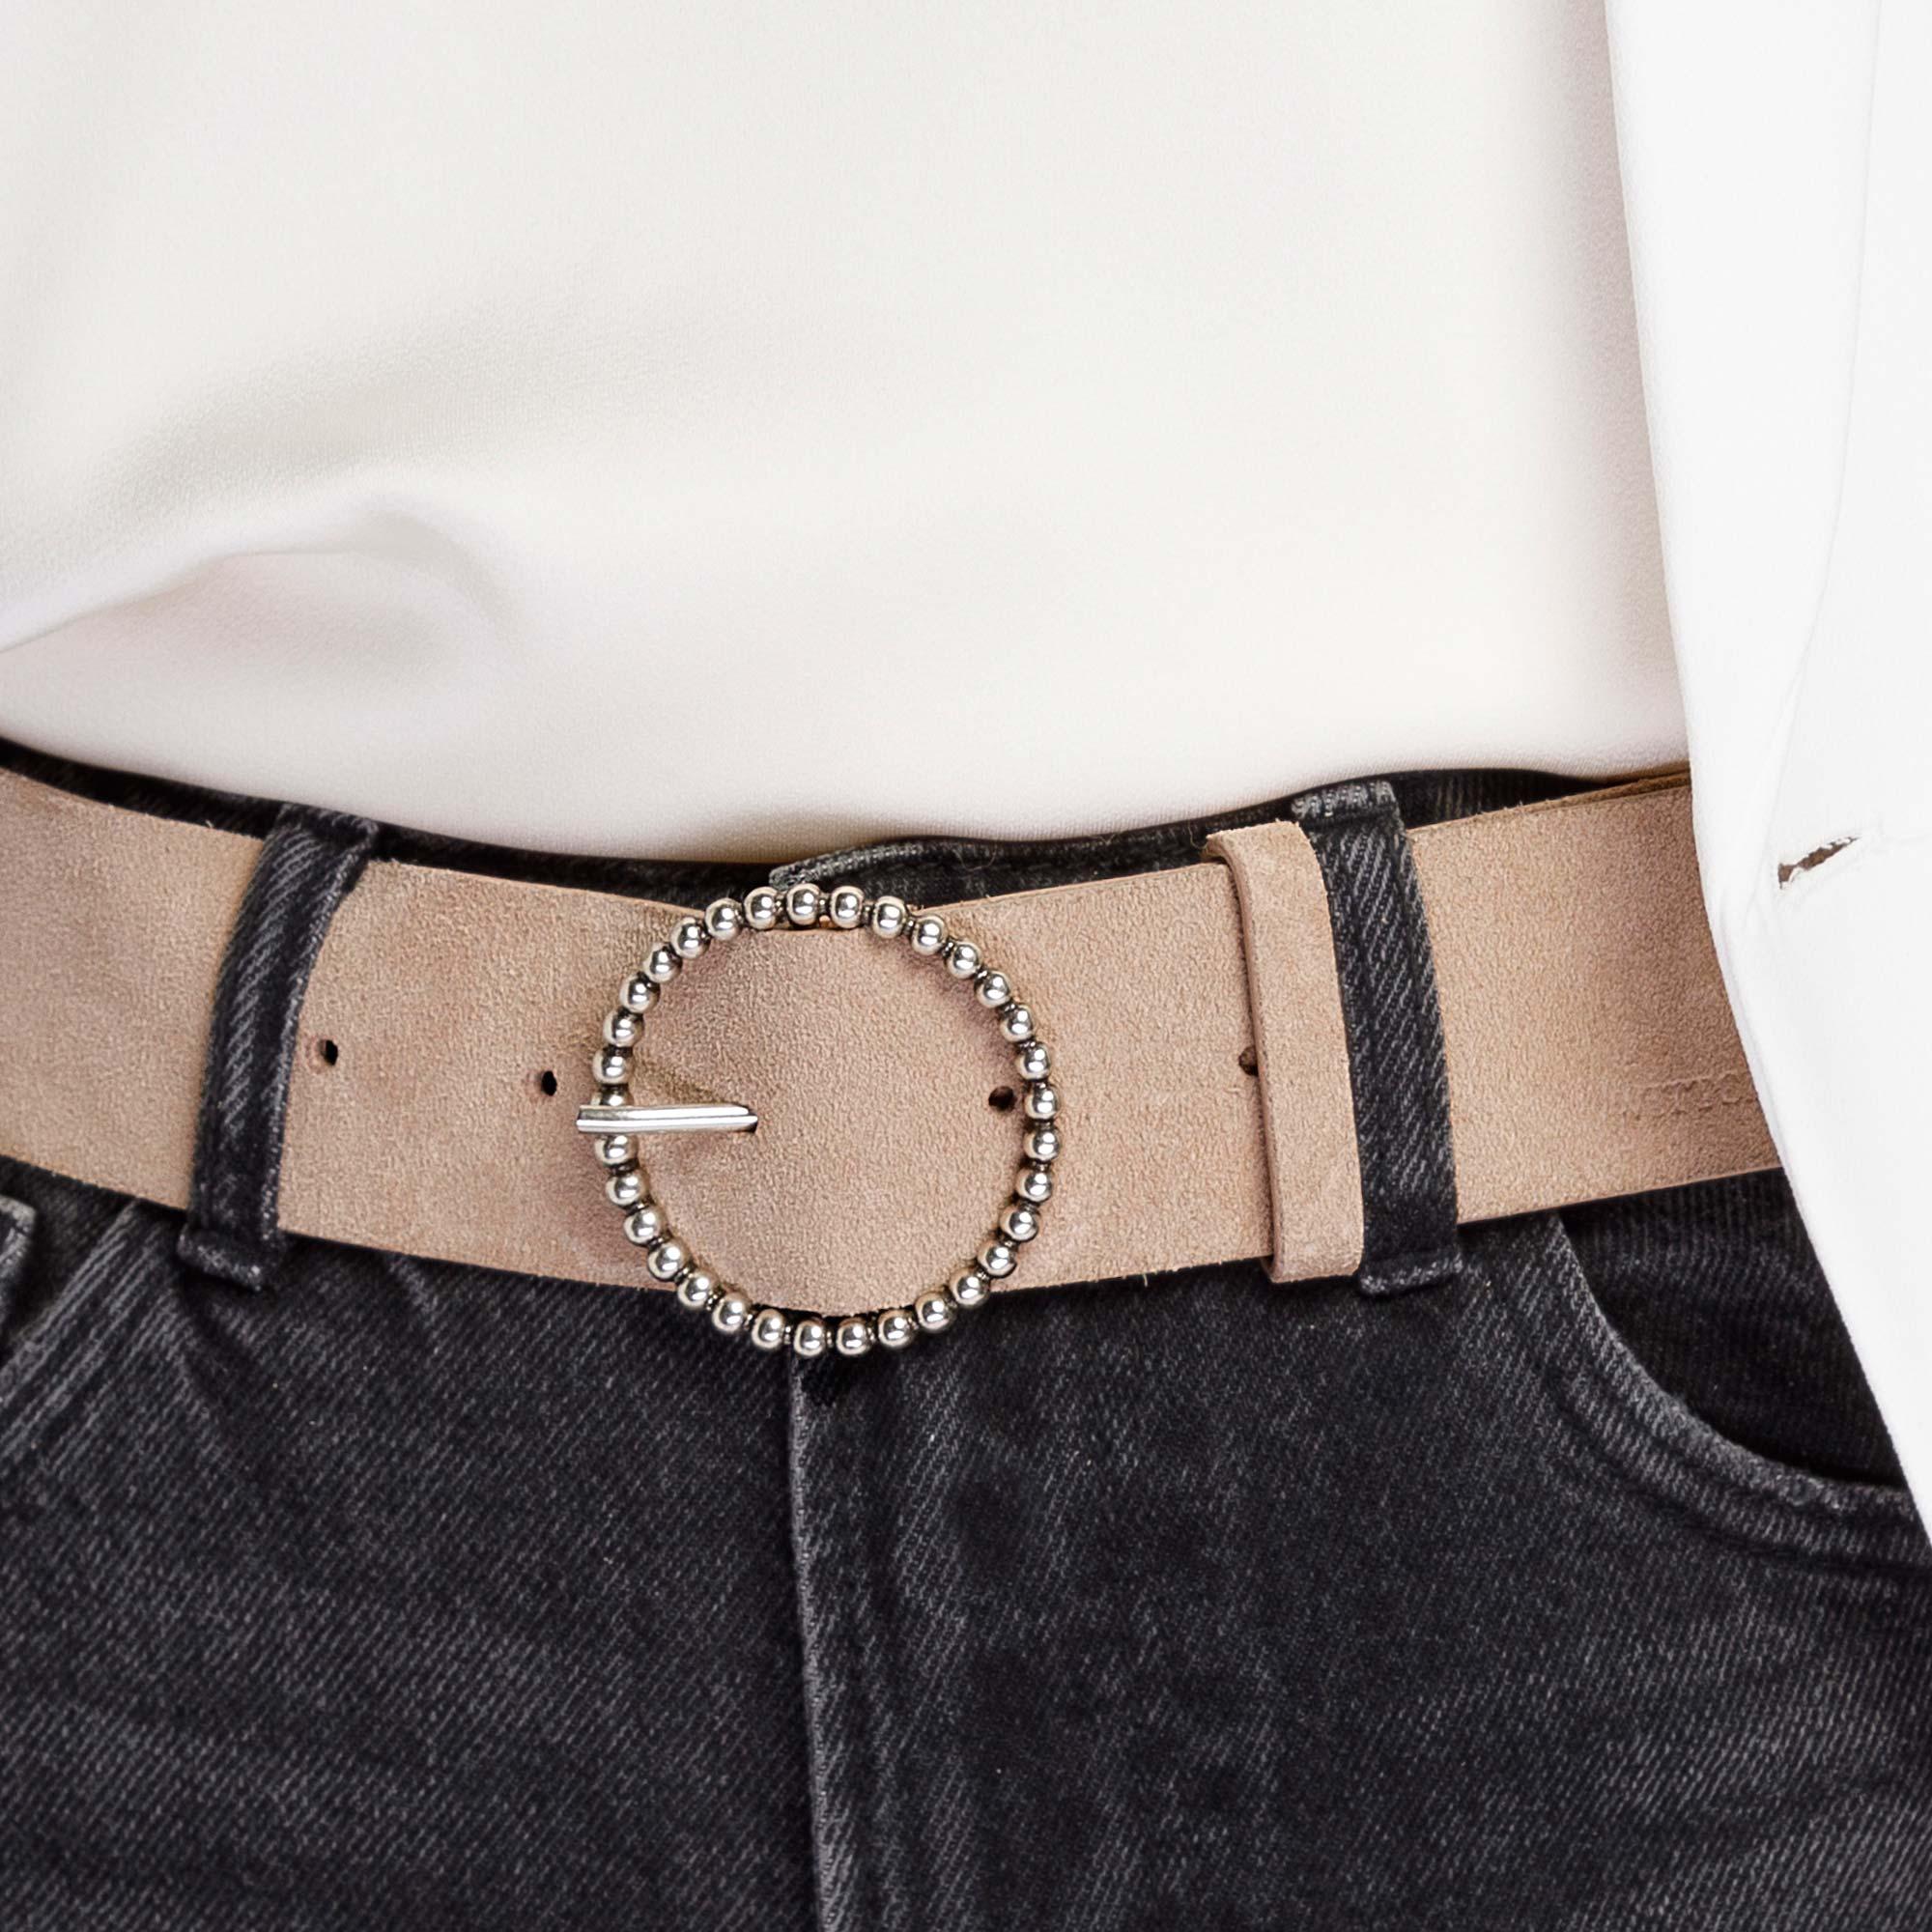 Damski pasek ze skóry welurowej z klamrą na obręczy, beżowo - srebrny, 92-8D-313-0-XL, Zdjęcie 1